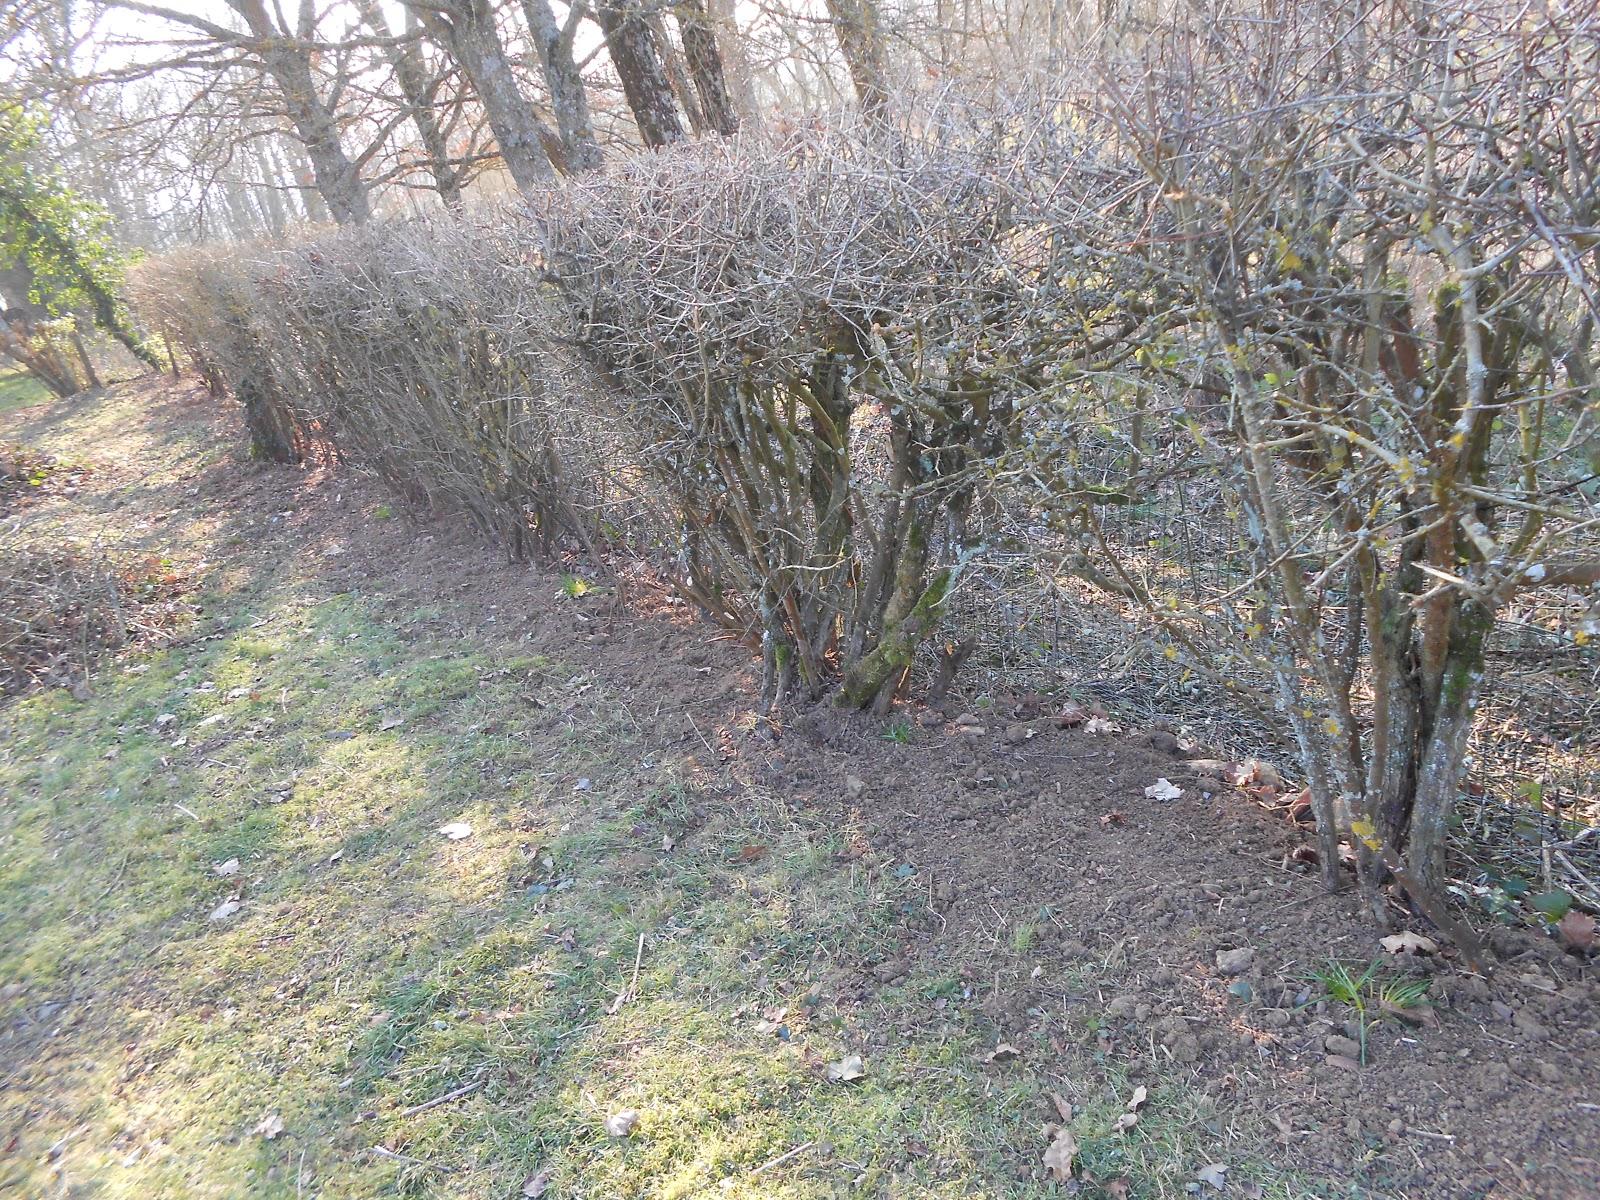 Le jardin d 39 alecs nettoyage des haies for Nettoyage jardin printemps